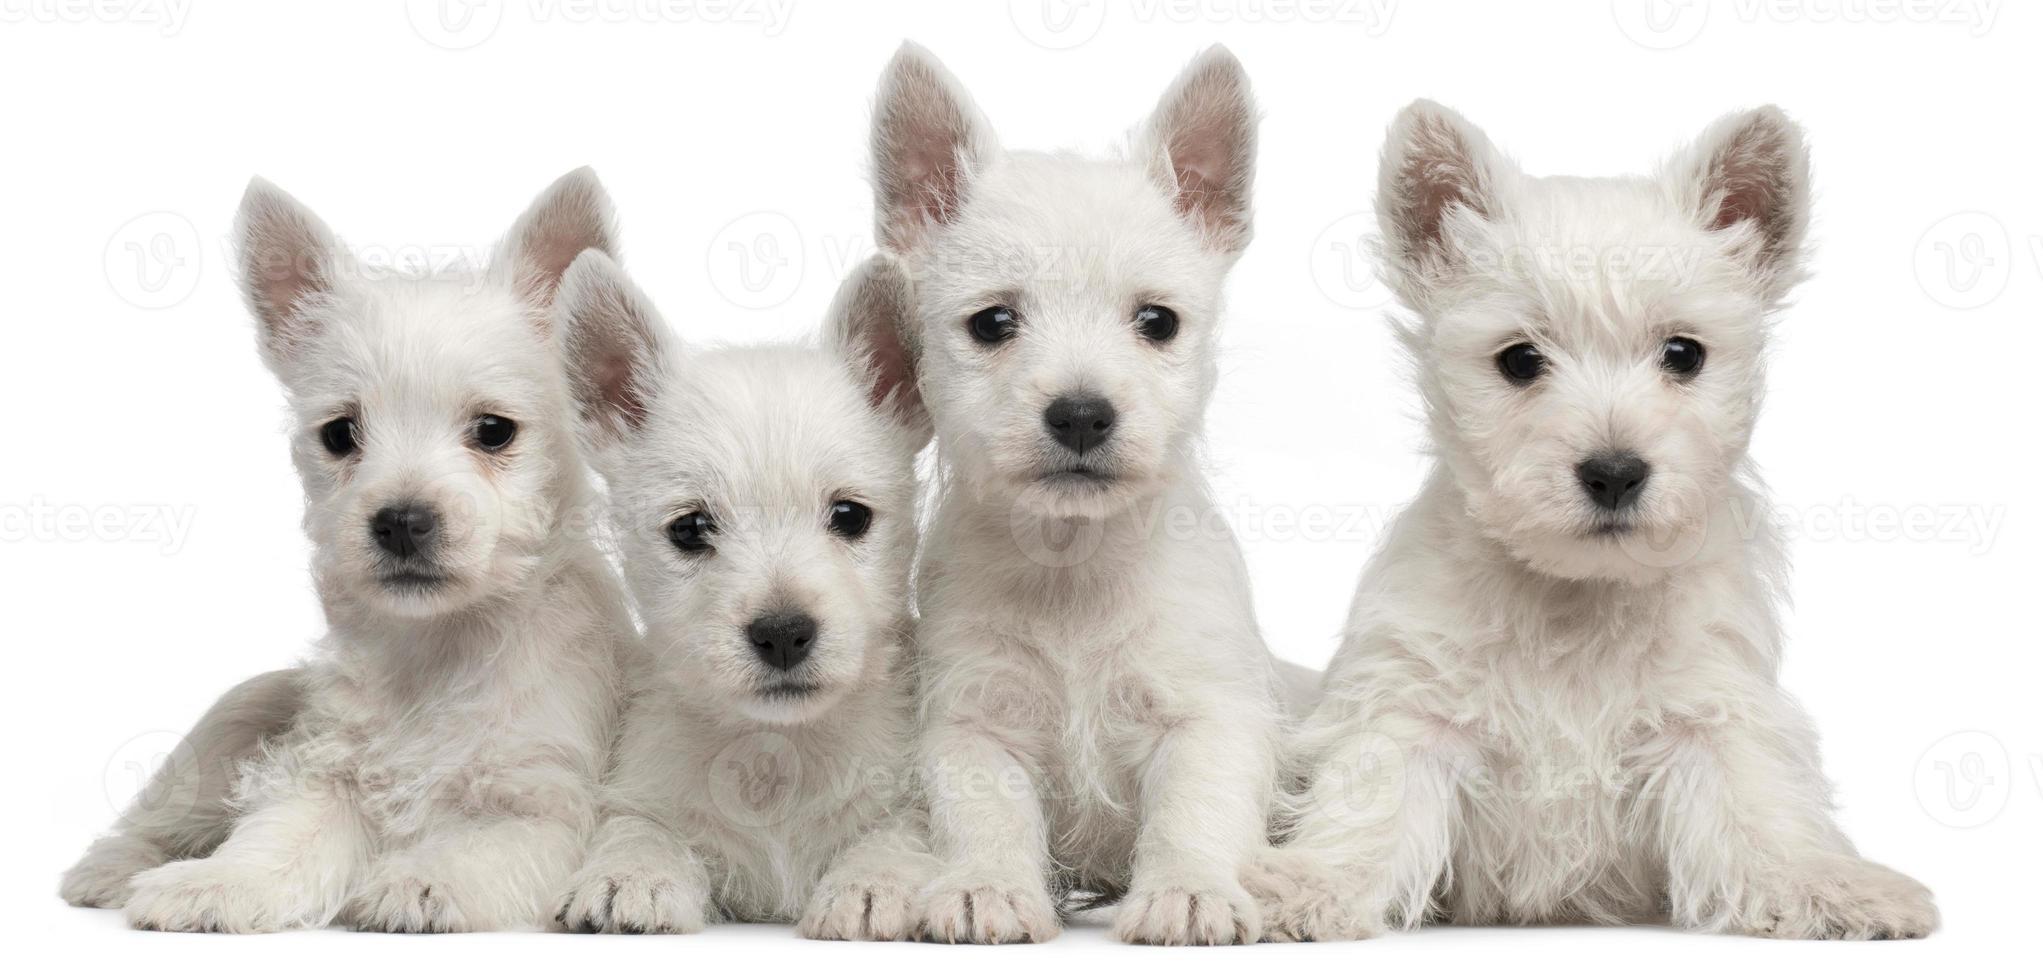 vier puppy's van de west highland terrier, zeven weken oud, witte achtergrond. foto